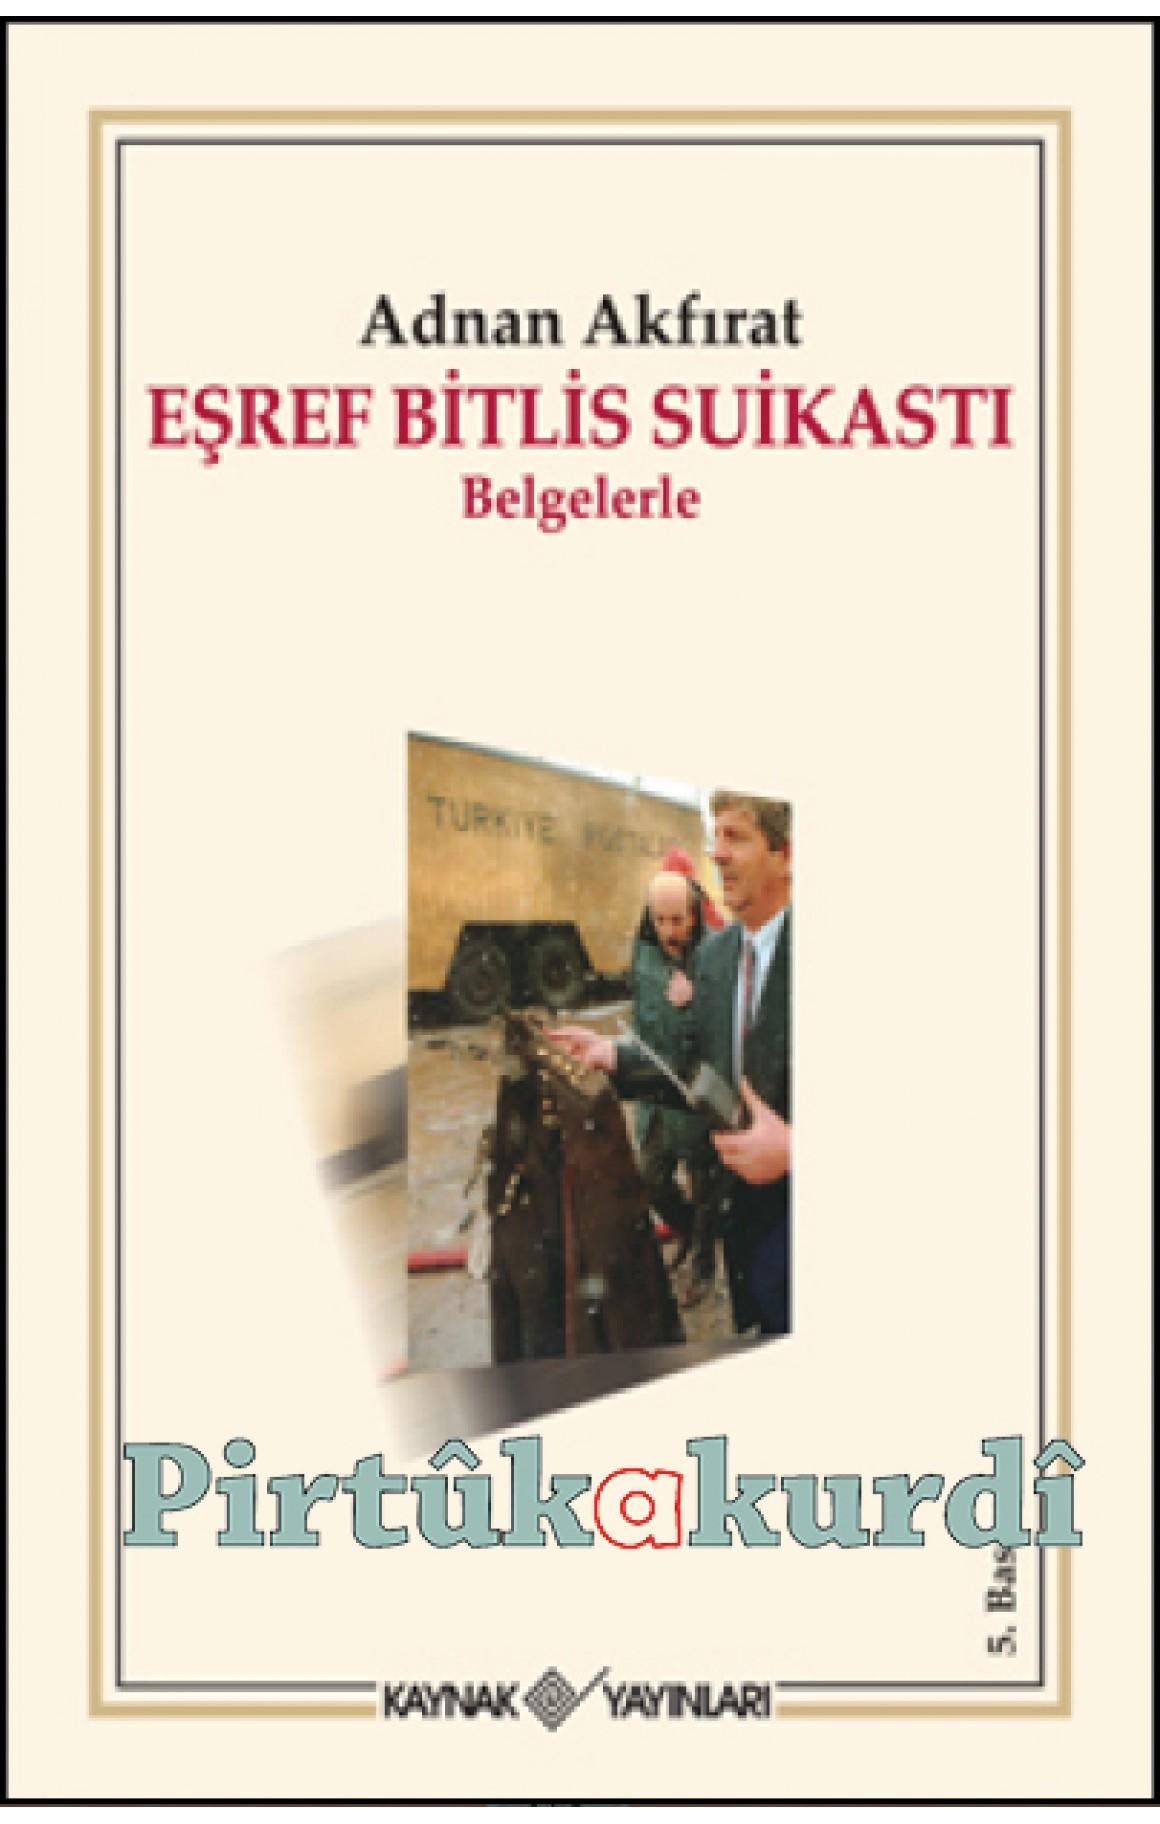 Eşref Bitlis Suikastı